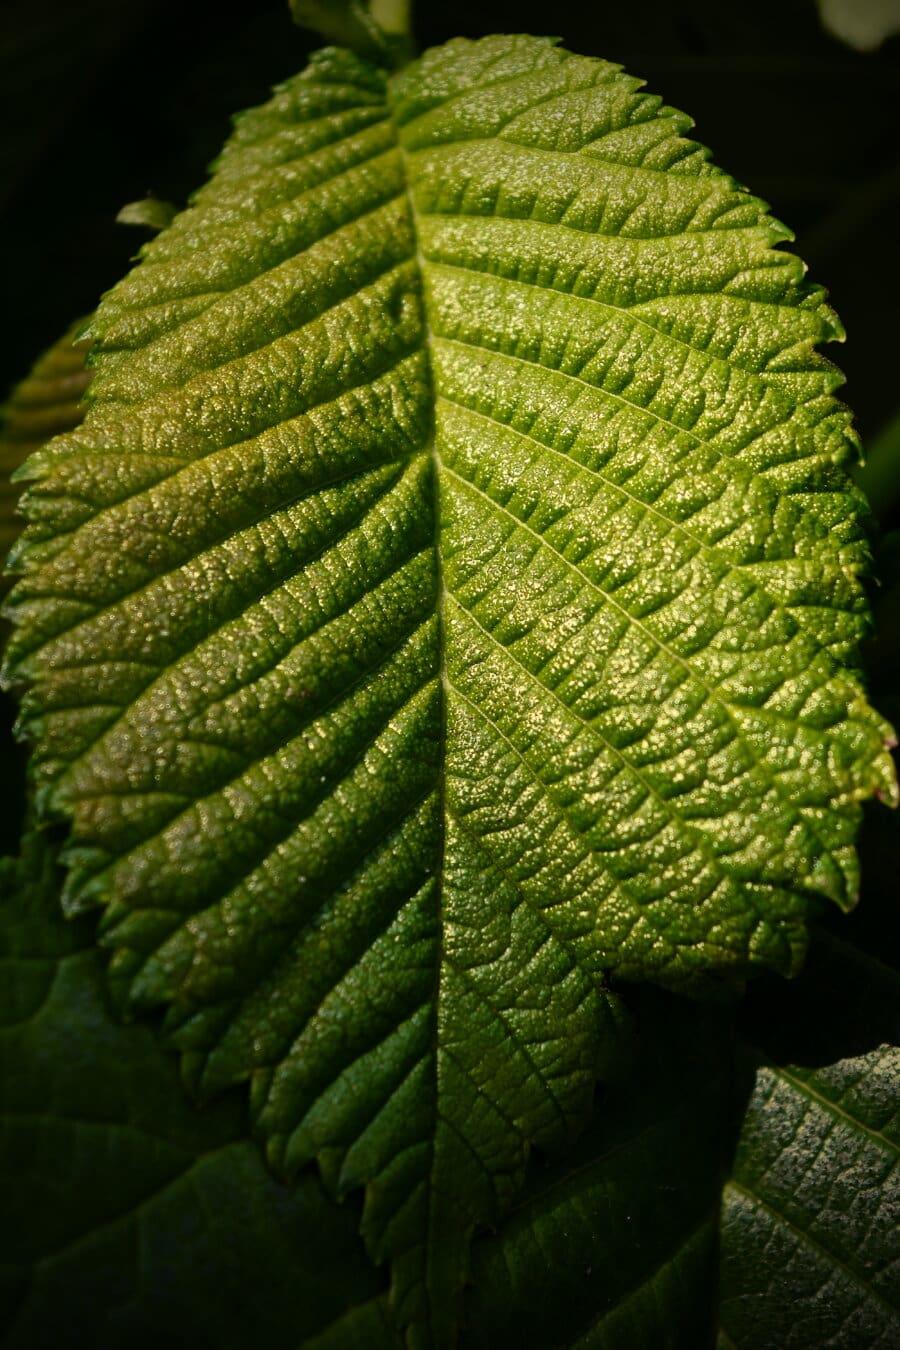 grønne blad, Elm, nært hold, detaljer, urt, vene, anlegget, treet, blad, natur